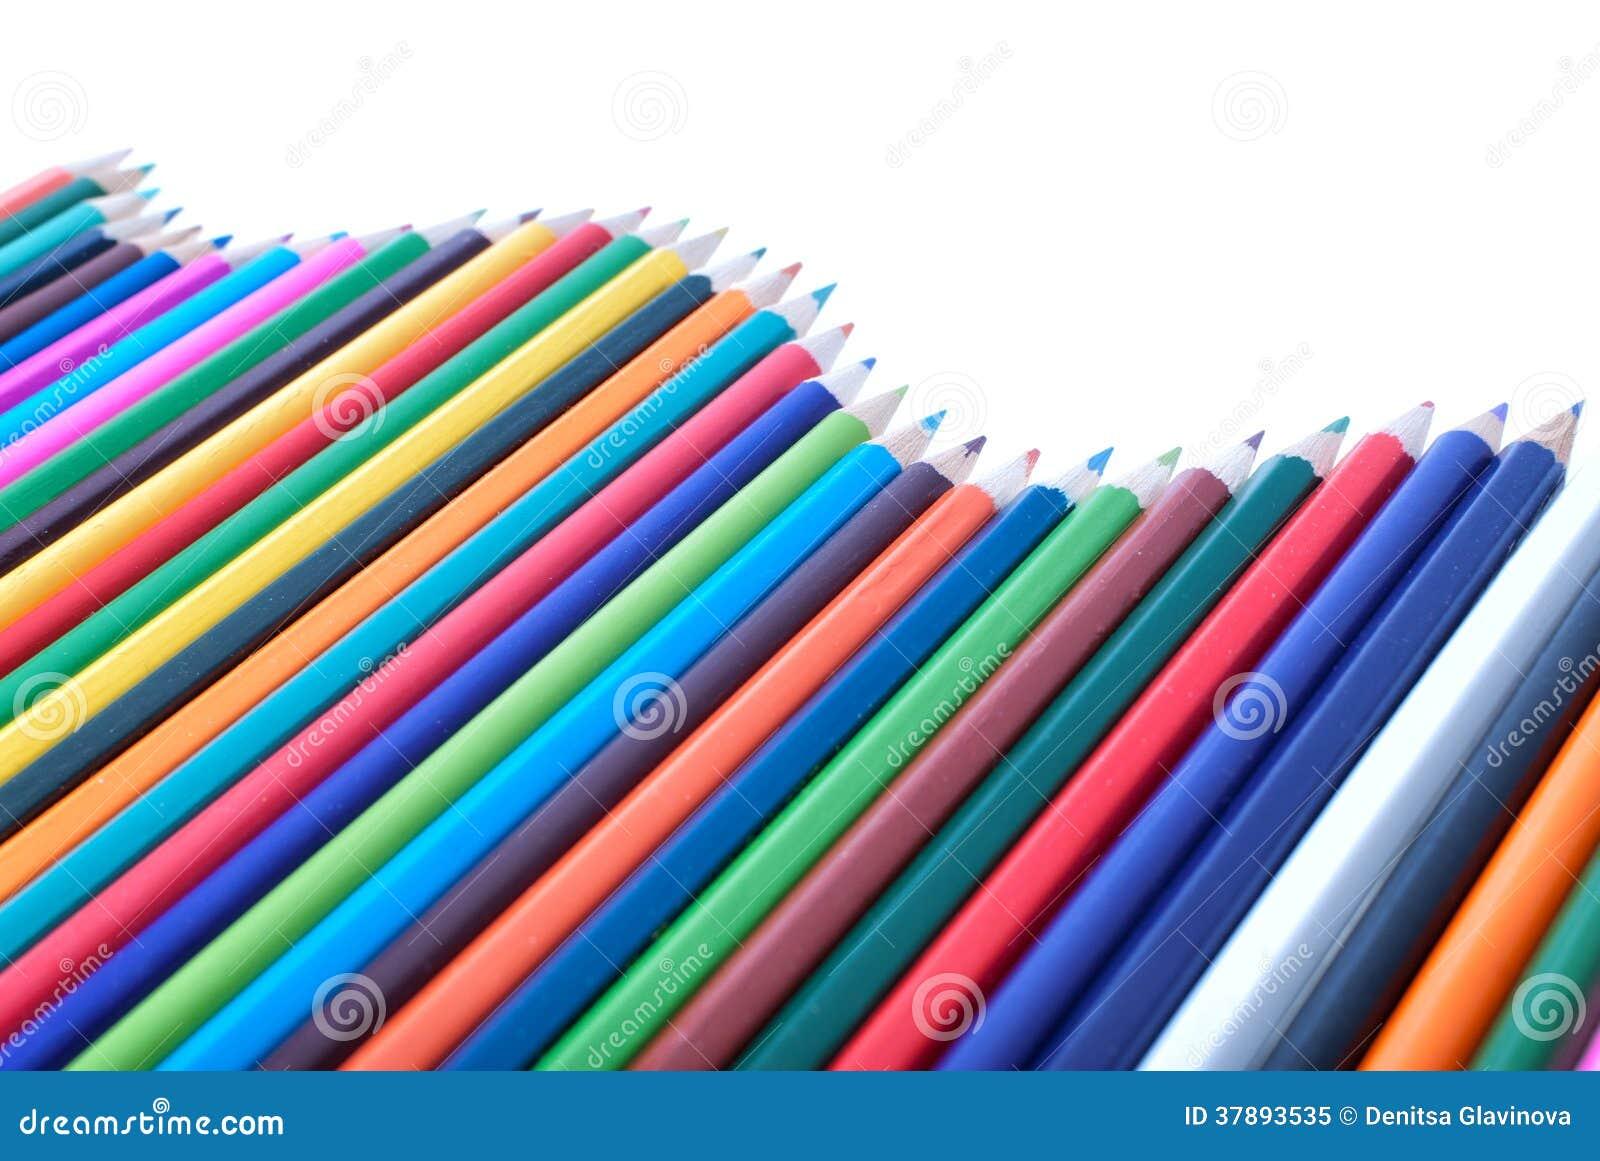 Kleurrijke potloden in vorm van golf